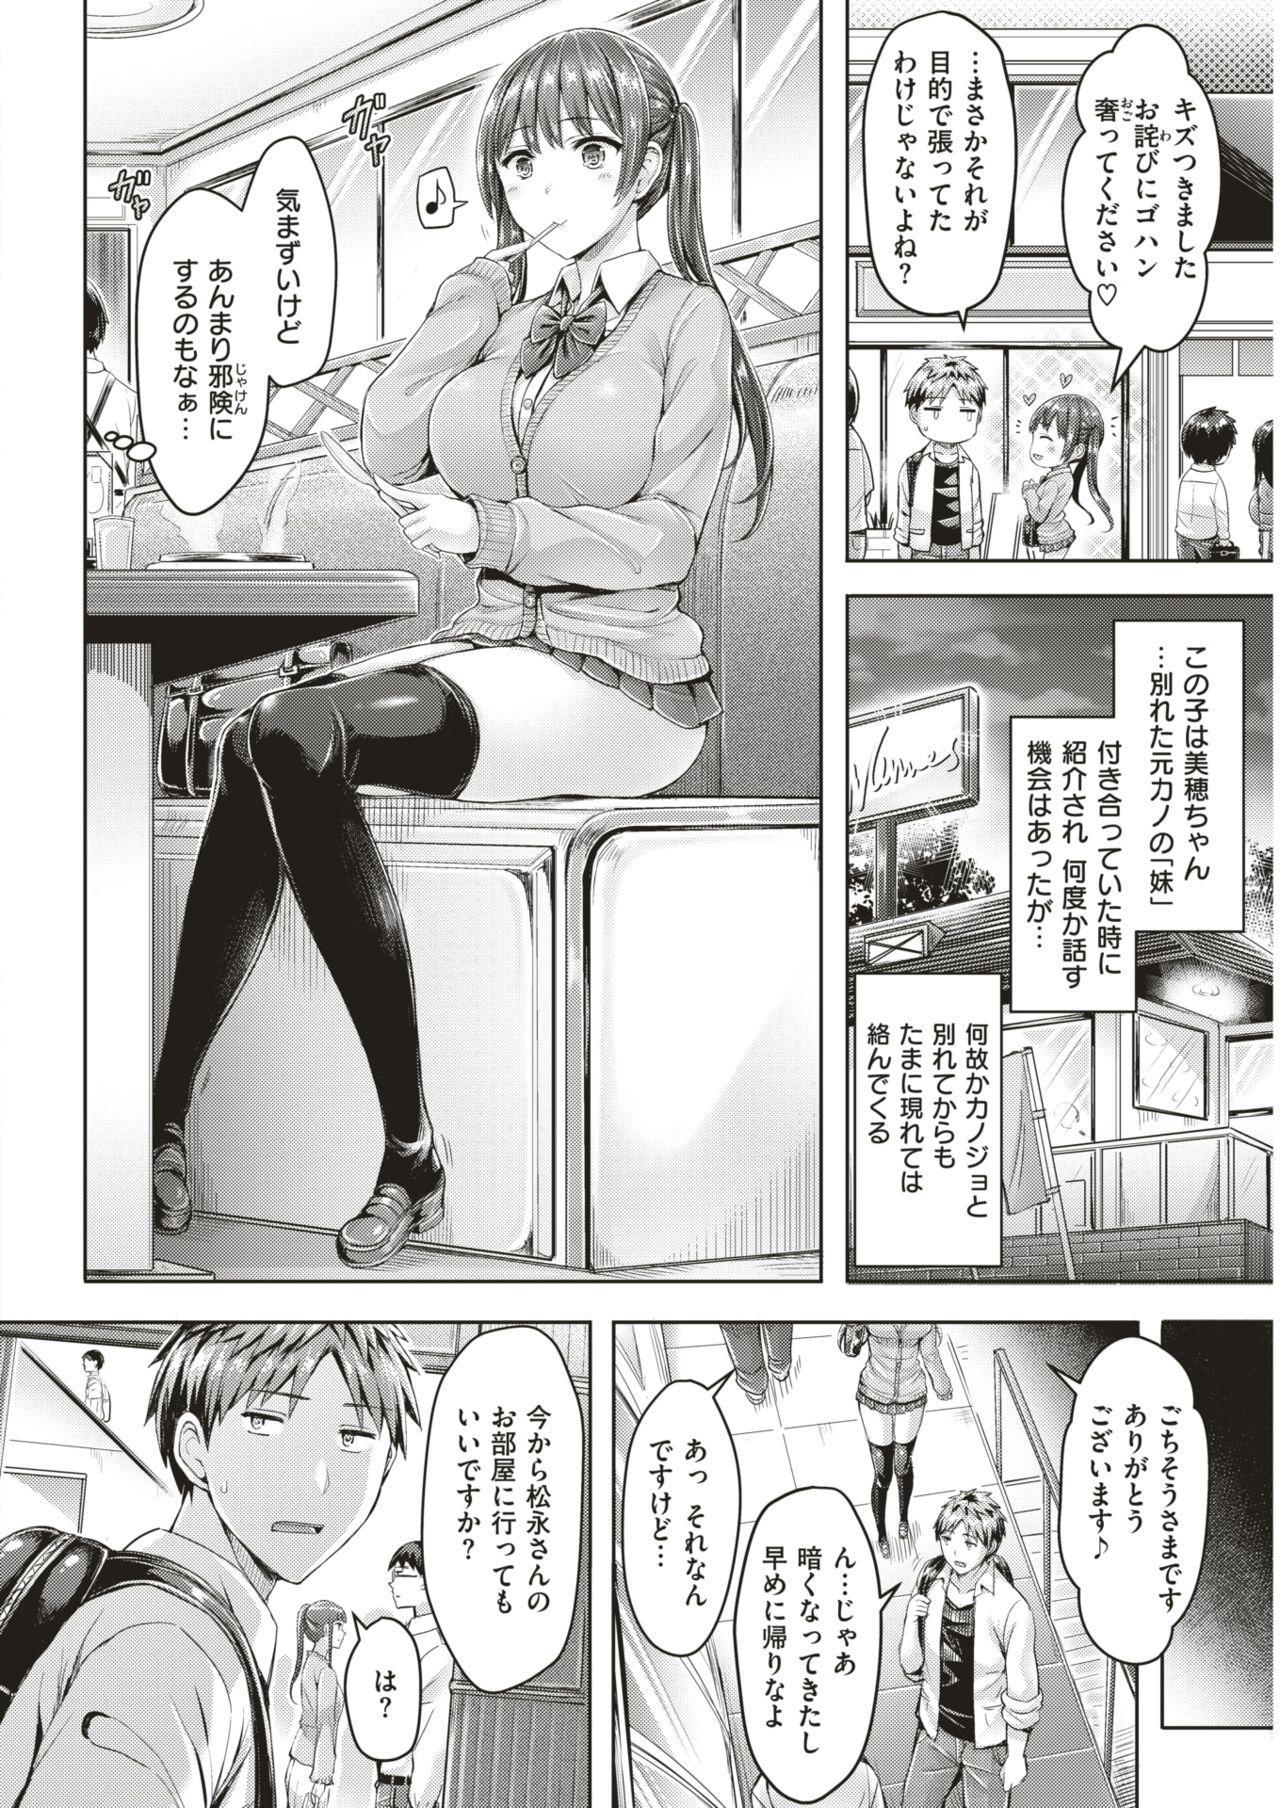 COMIC Kairakuten BEAST 2017-11 62